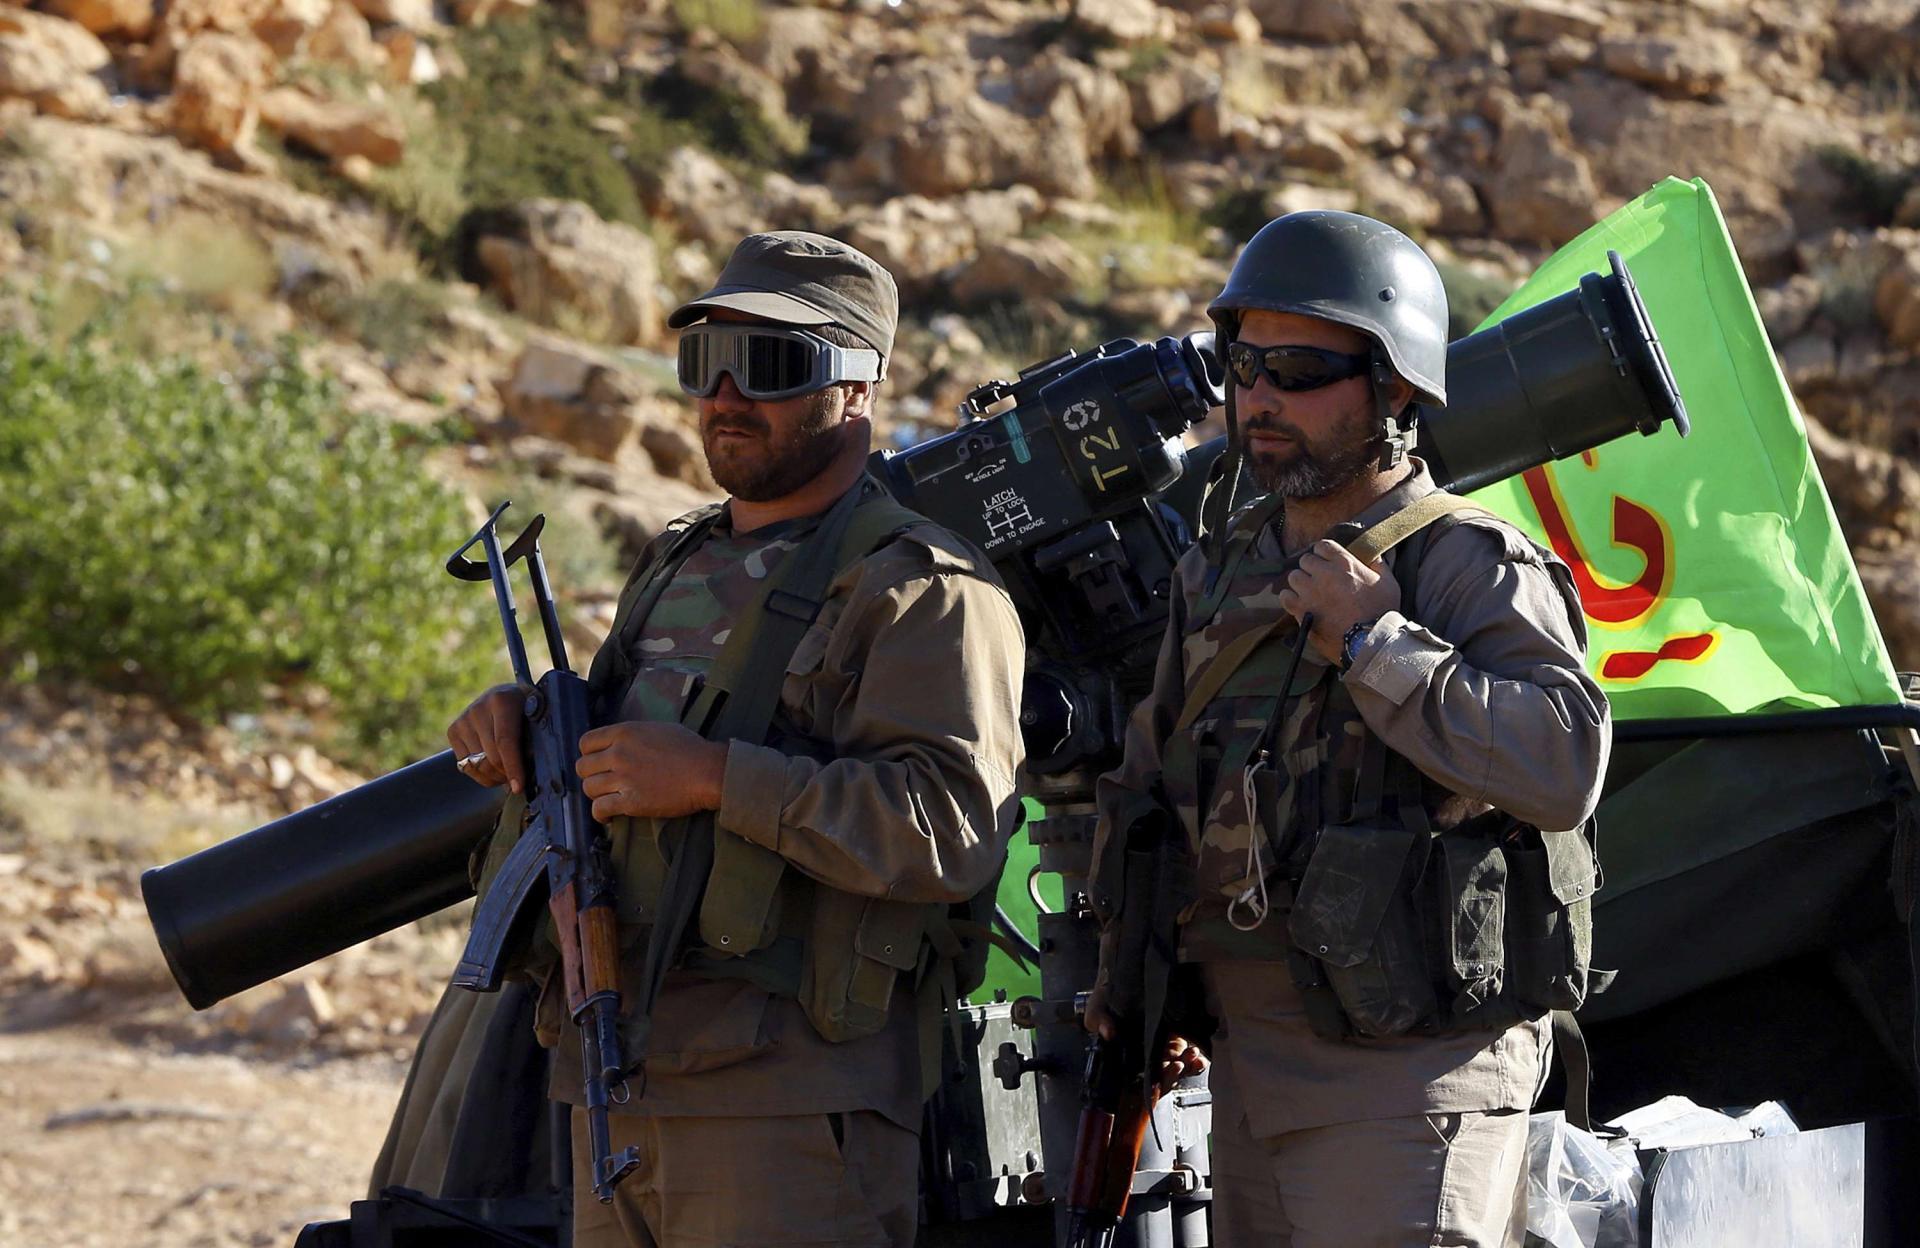 صورة لبنان: حزب الله إرهابي ومحتل لأراضي سورية